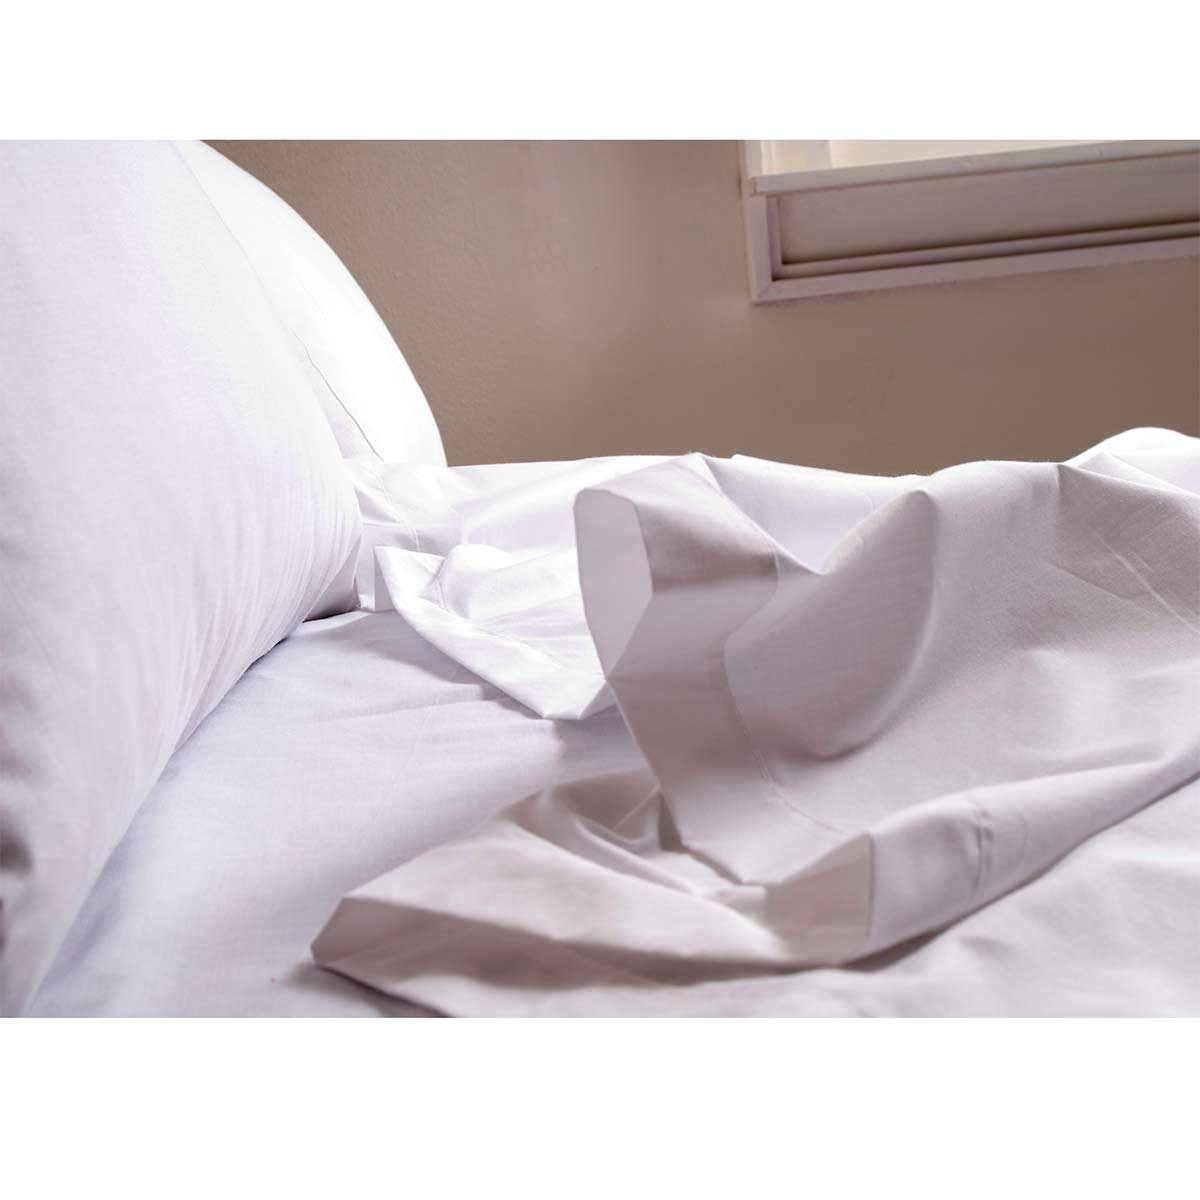 Σεντόνι Υπέρδιπλο Λευκό (220x260) Melinen Πενιέ Περκάλι 60/40